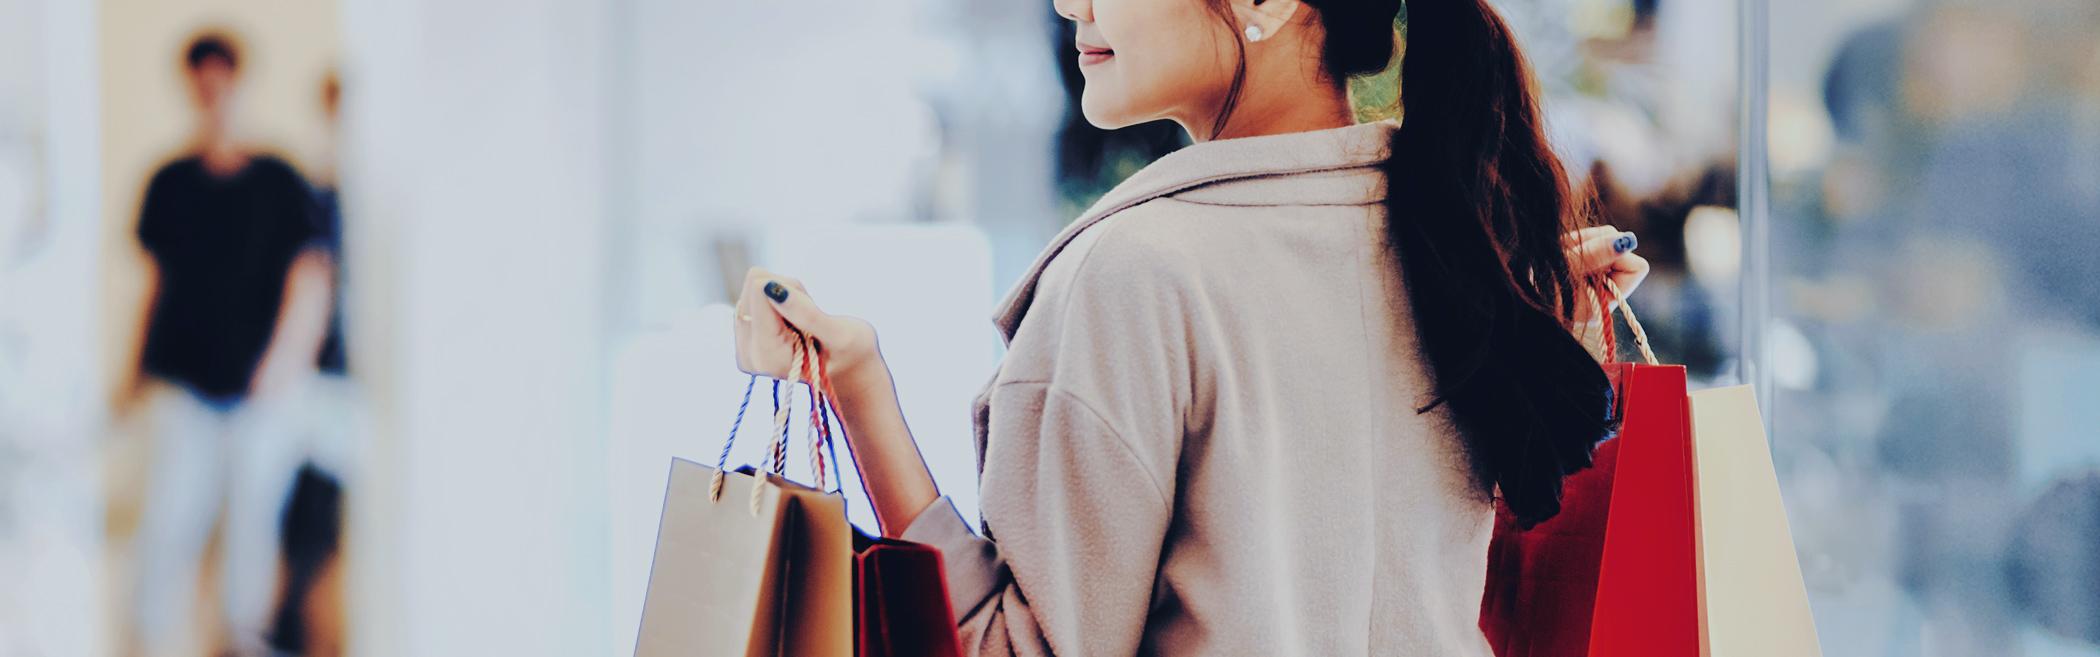 ショッピングでマイルが貯まる